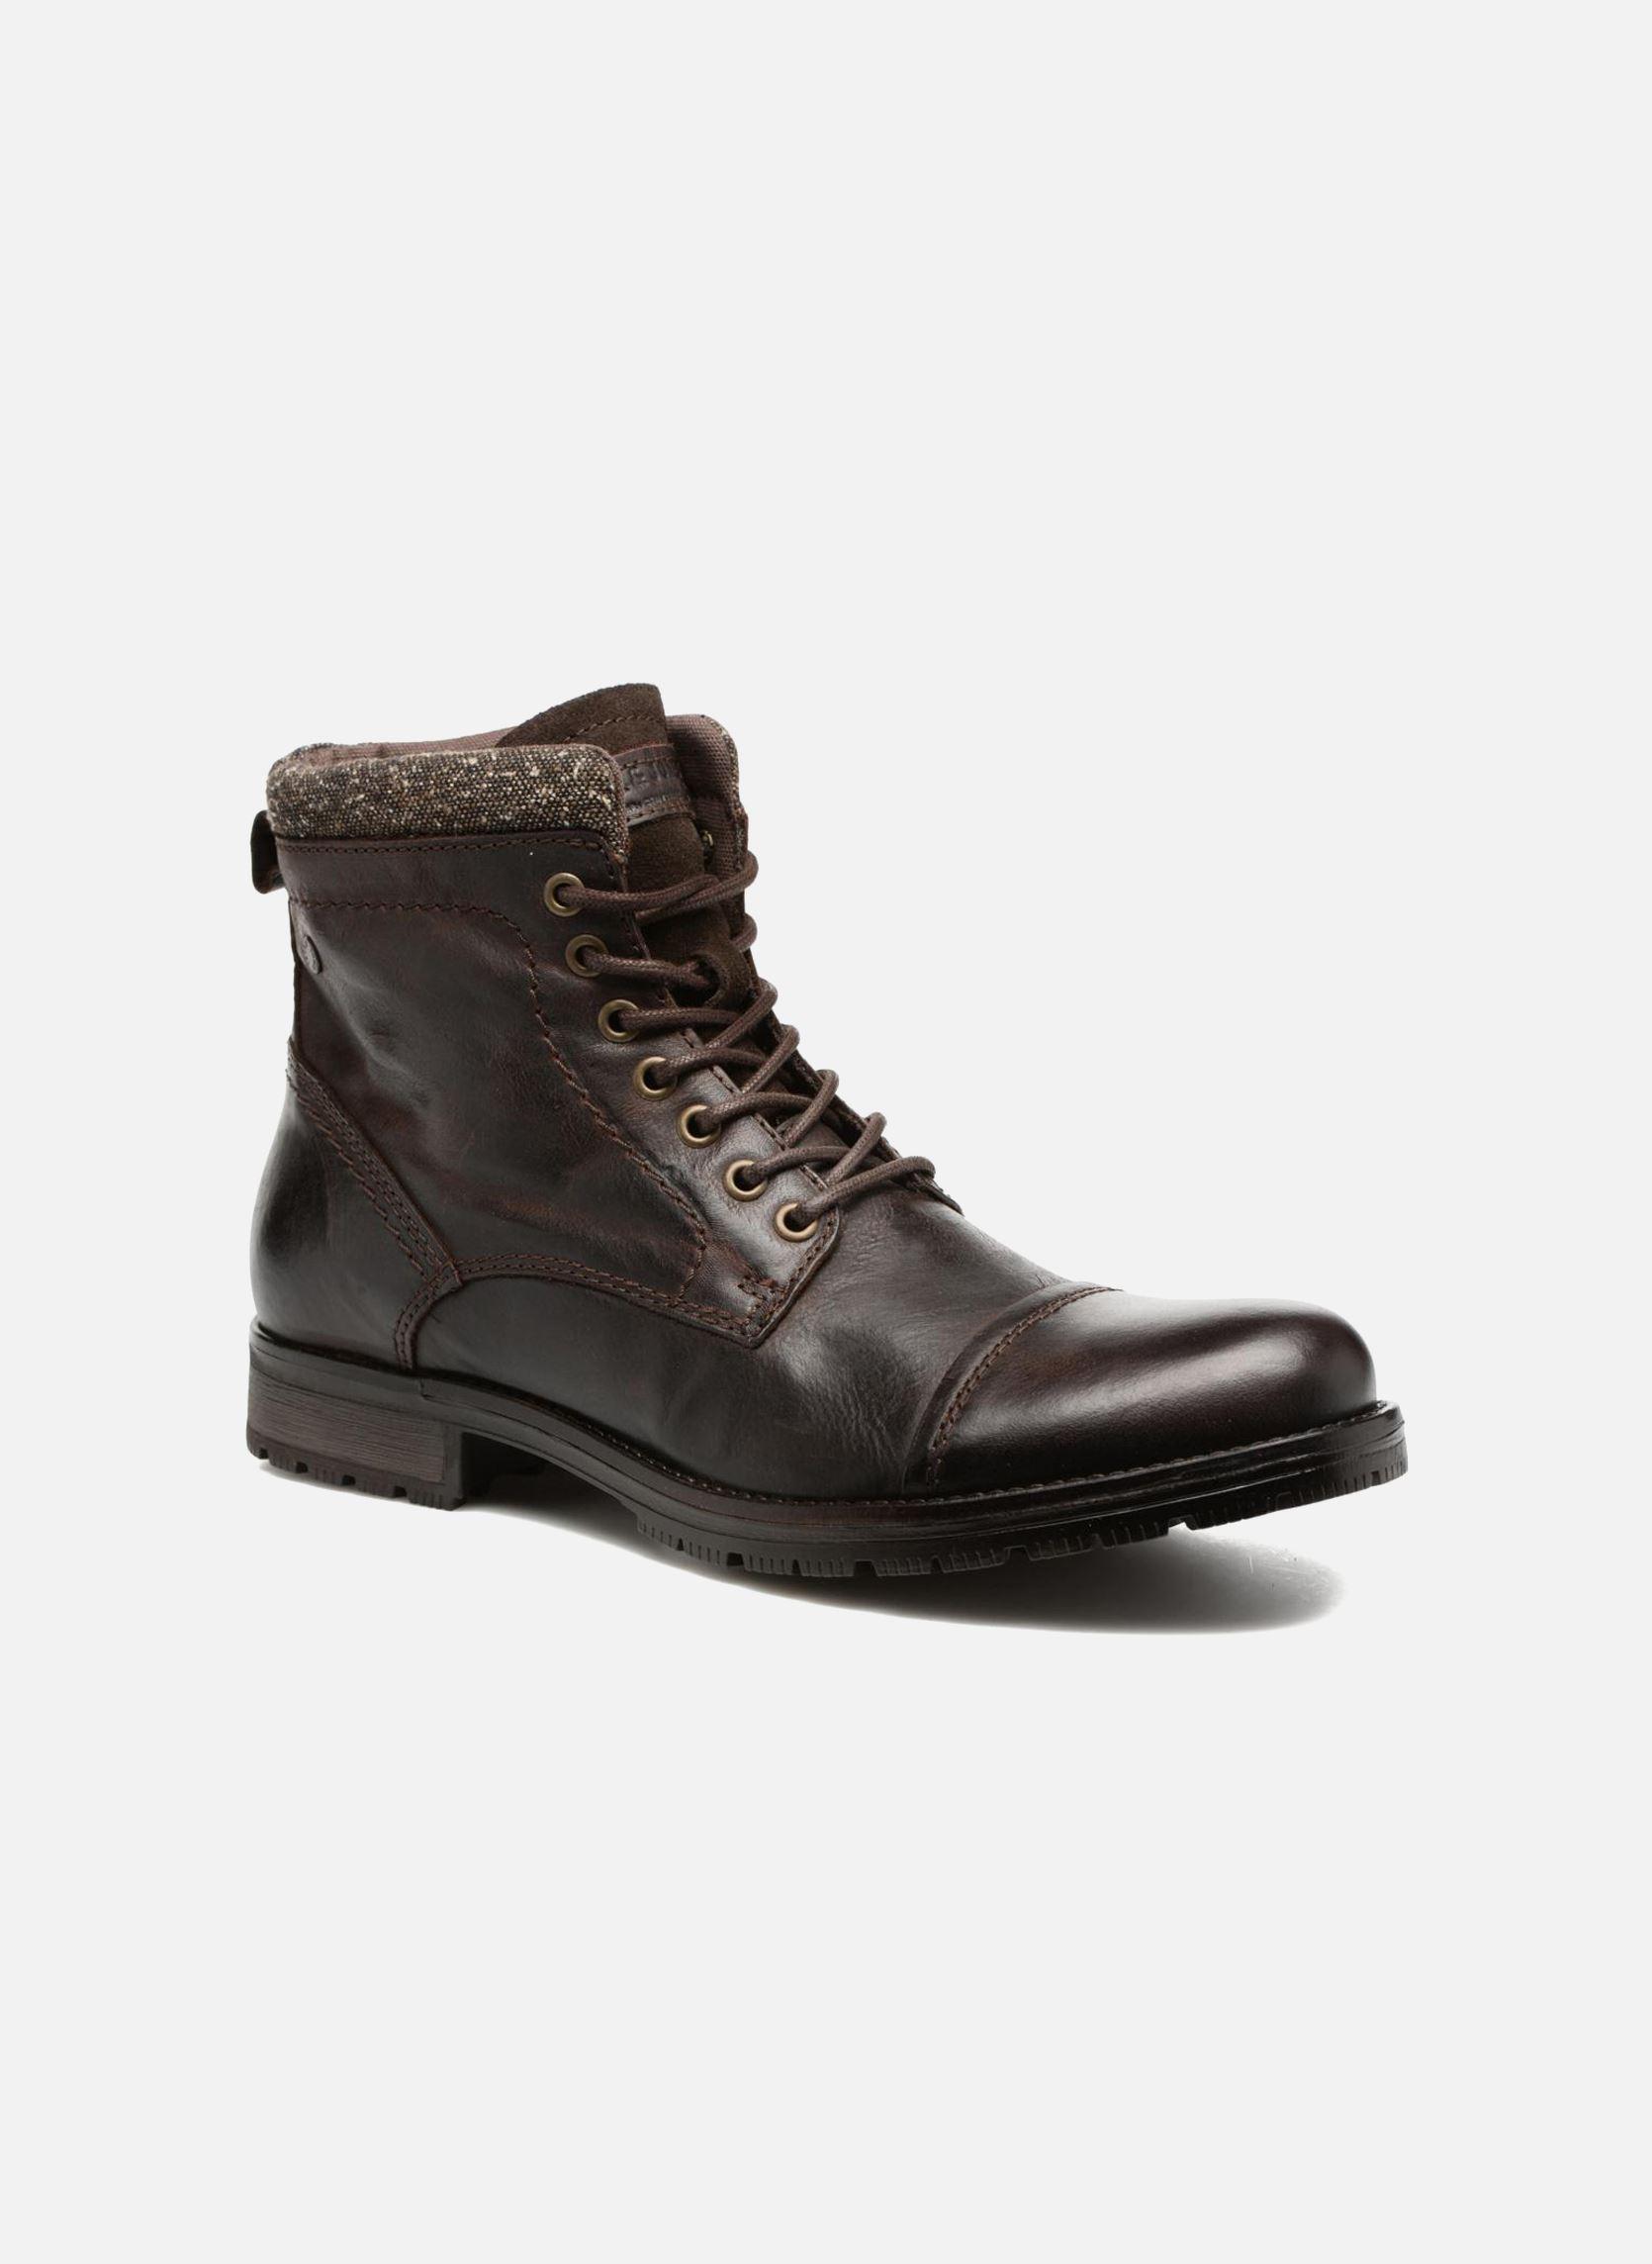 Jones Jones Chaussures Jackamp; Chaussures Leather Jackamp; Jackamp; Chaussures Jones Jfwmarly Jfwmarly Jfwmarly Leather lcTFKJu13